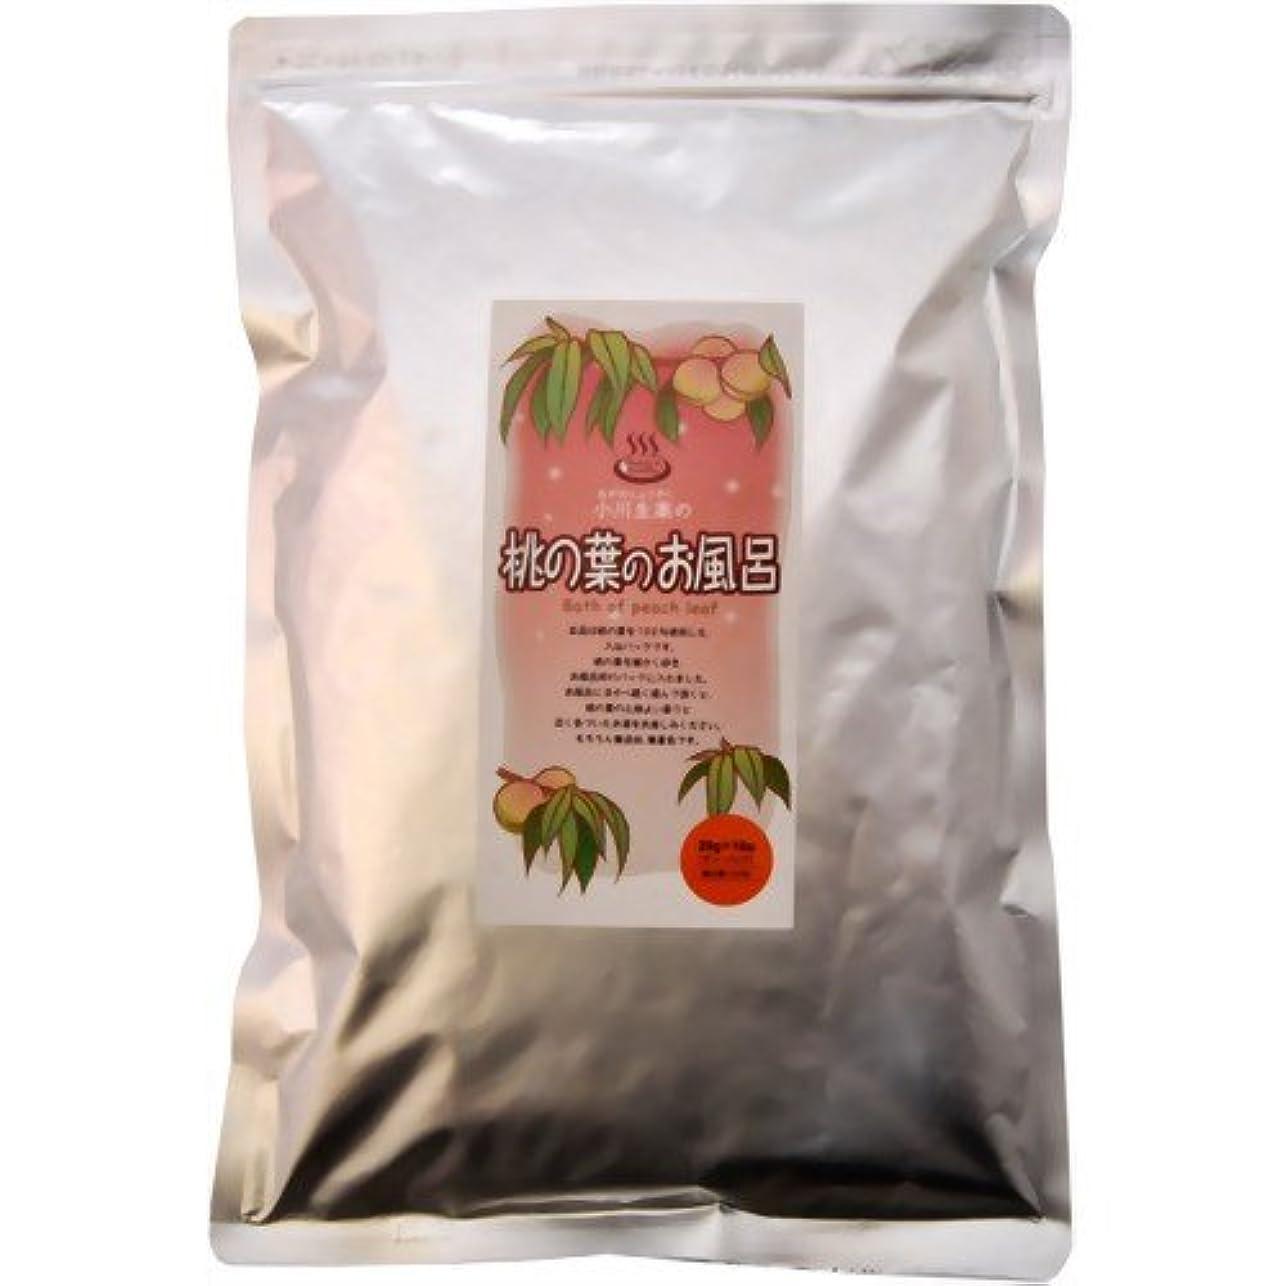 自動的に居心地の良い同種の小川生薬の桃の葉のお風呂 20g*10袋